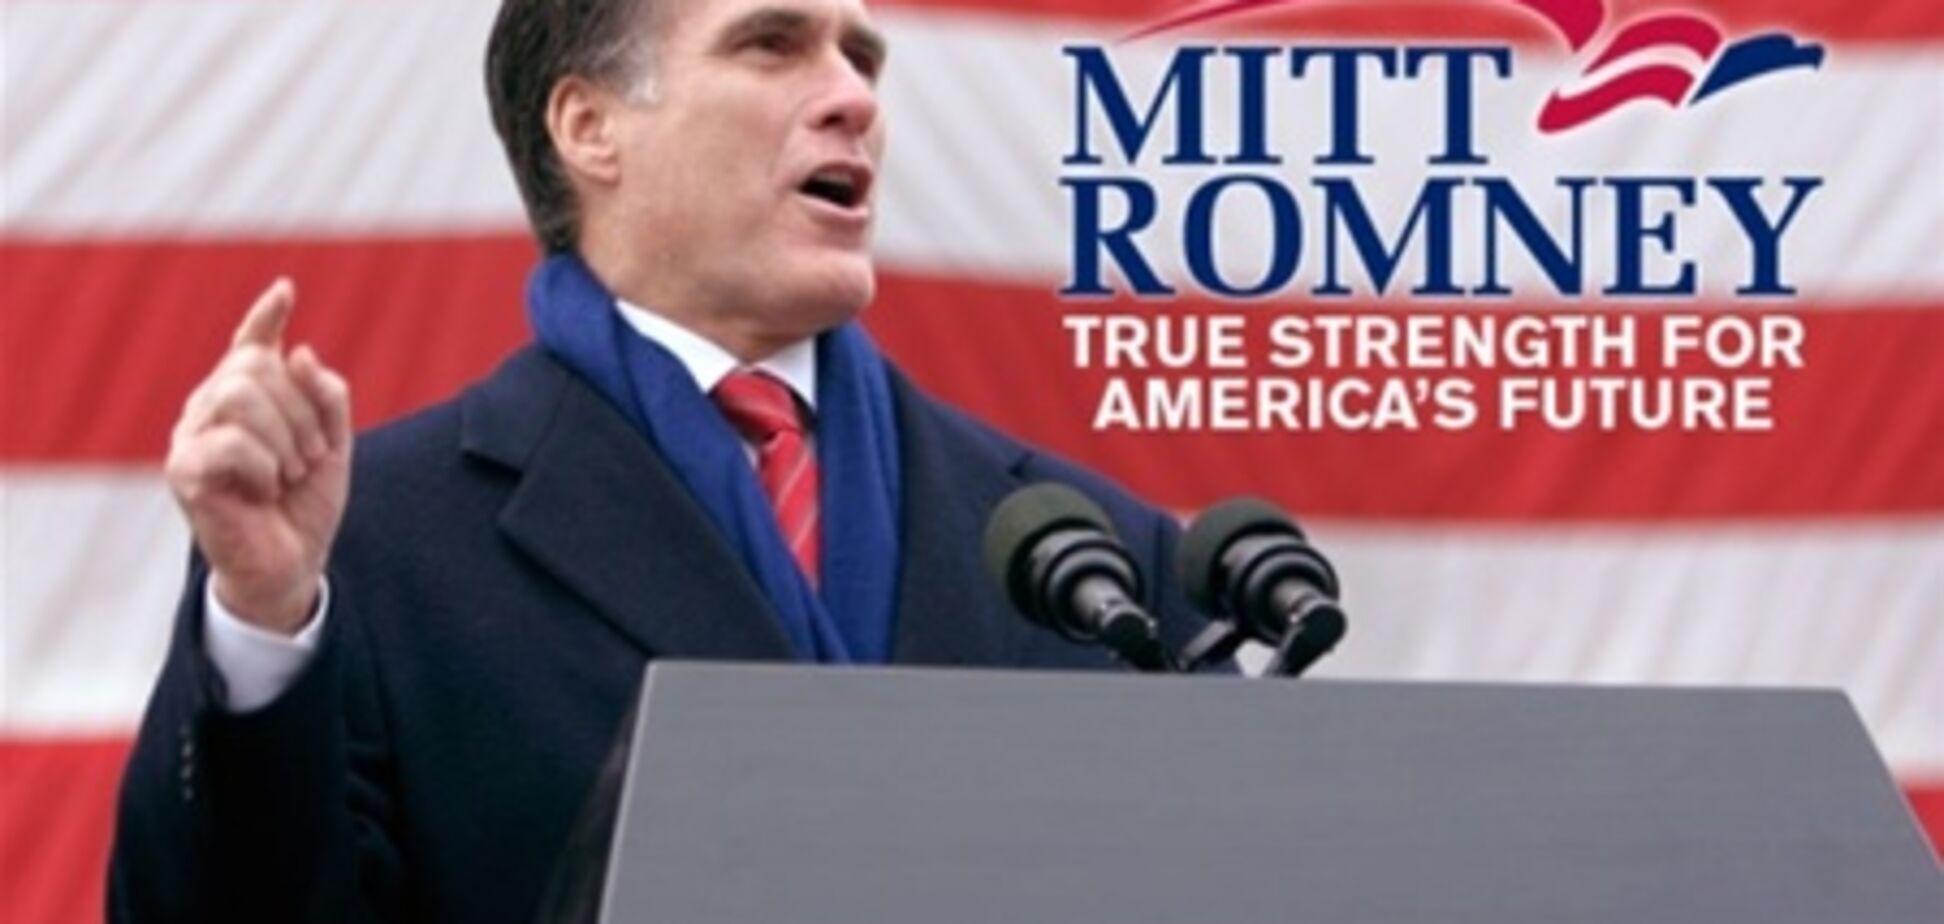 Опоненти готують проти Мітта Ромні 'безпрограшна зброю'